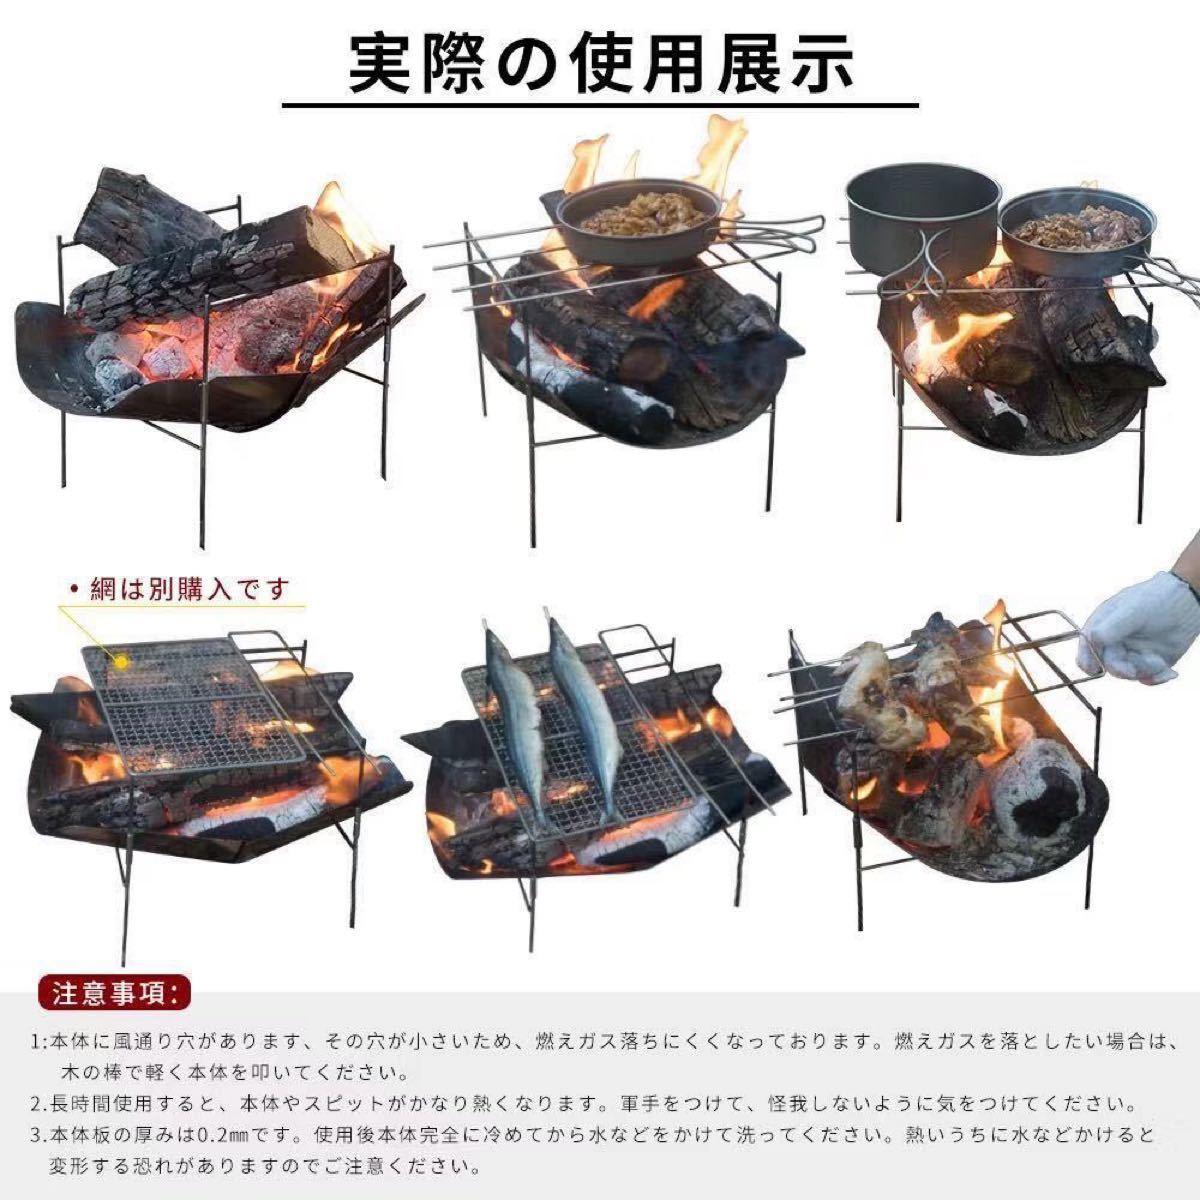 最安値!!焚き火台 小型 バーベキューコンロ スピット(串) 3本付 焚火台 アウトドアコンロ ソロキャンプ